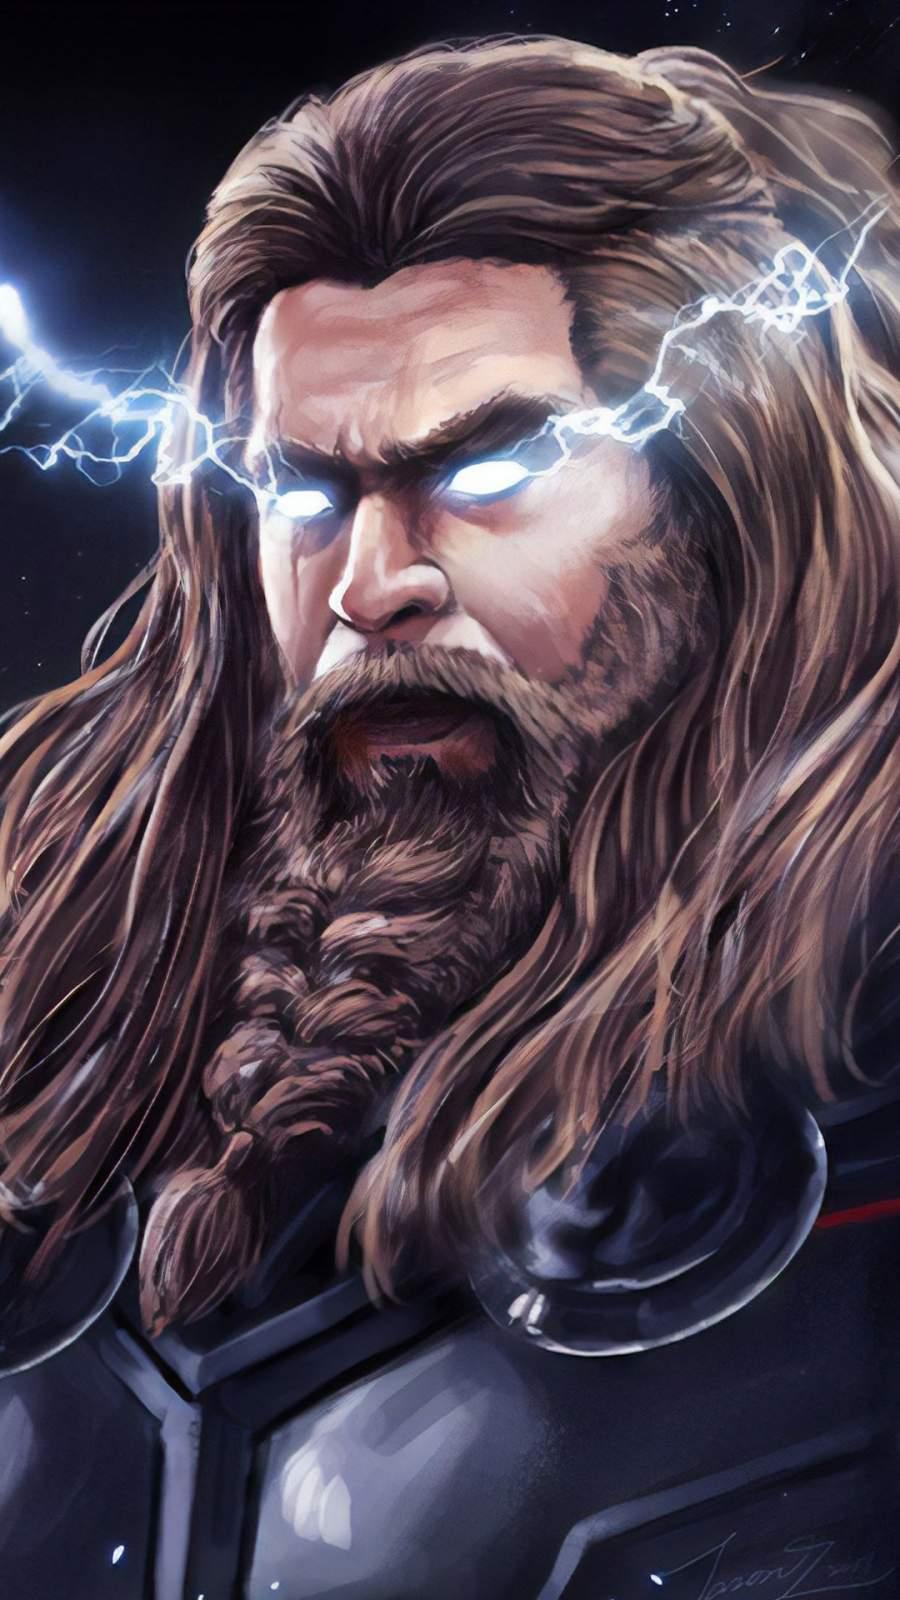 Thor Thunder Lighting iPhone Wallpaper